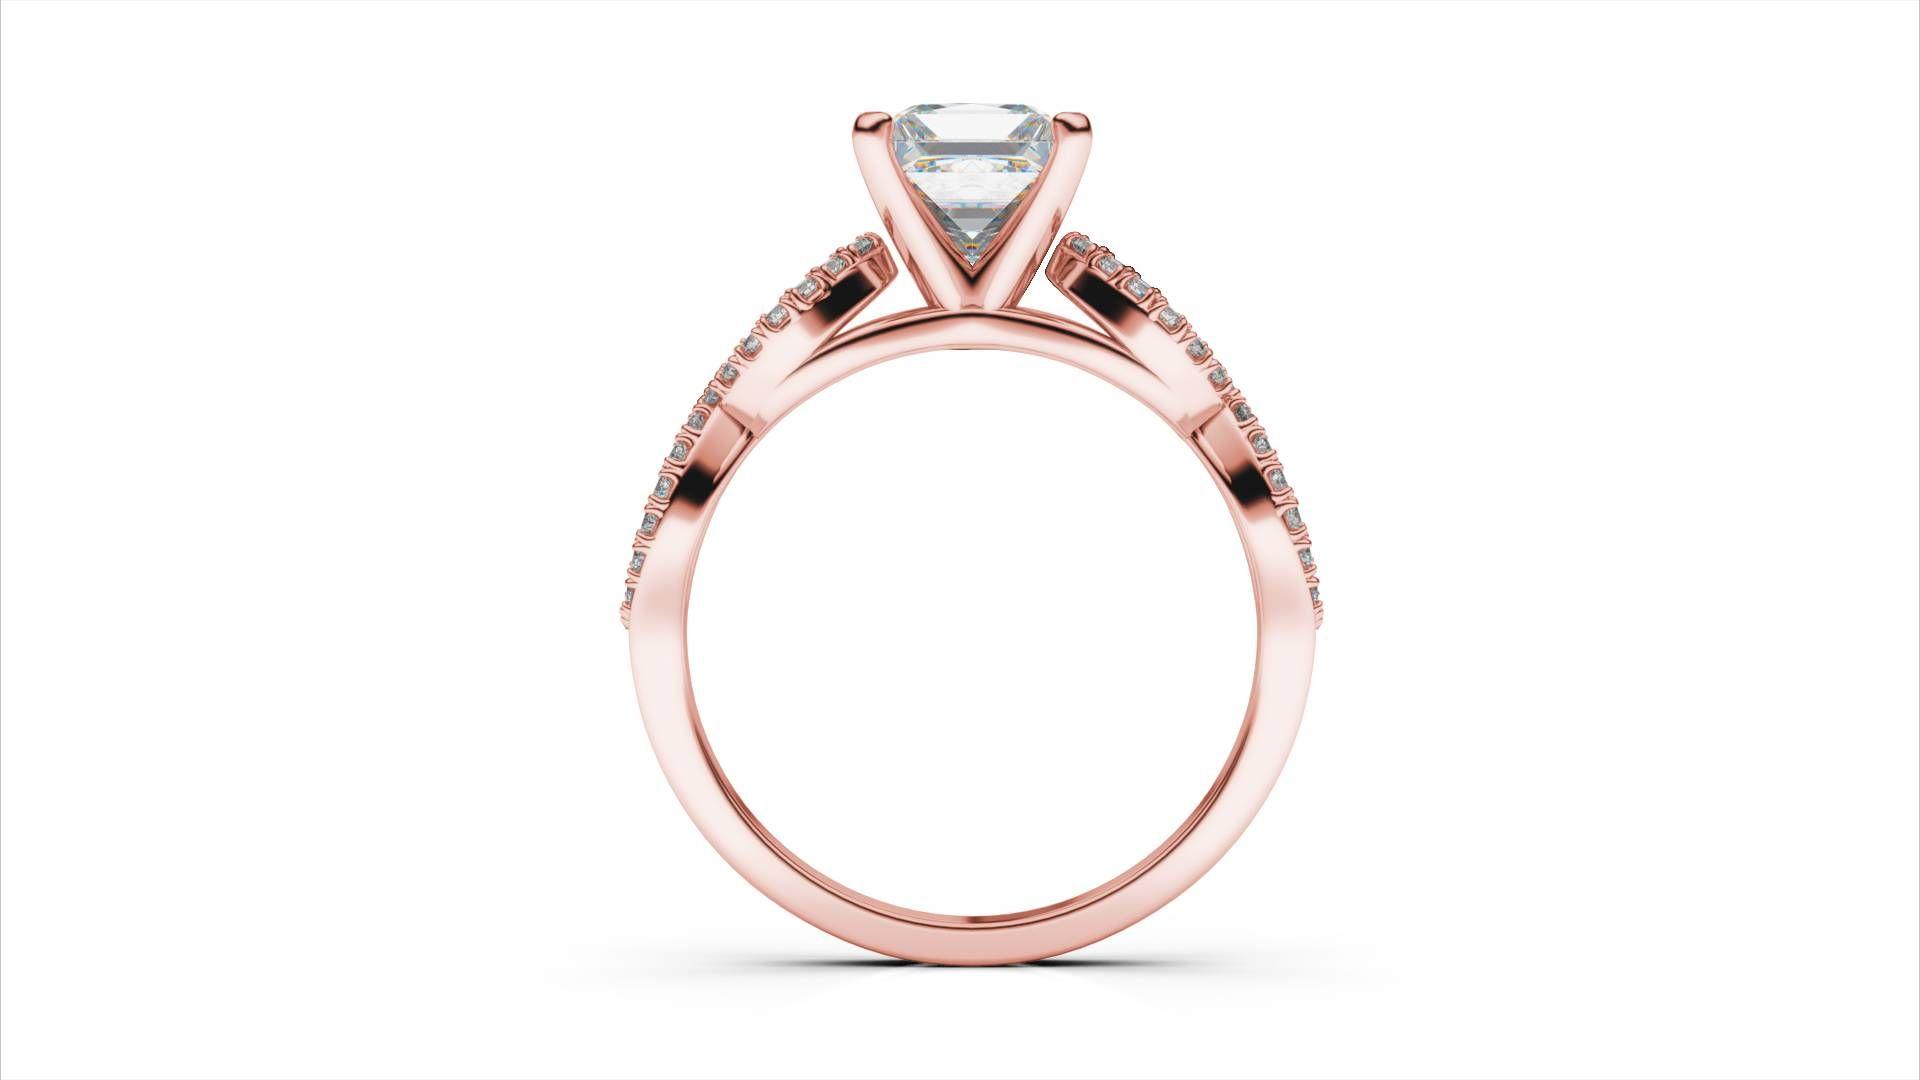 Zlatý zásnubný prsteň TALA z ružového zlata 14 karátové briliant princezná  solitaire s postrannými diamantmi adad43fe60b